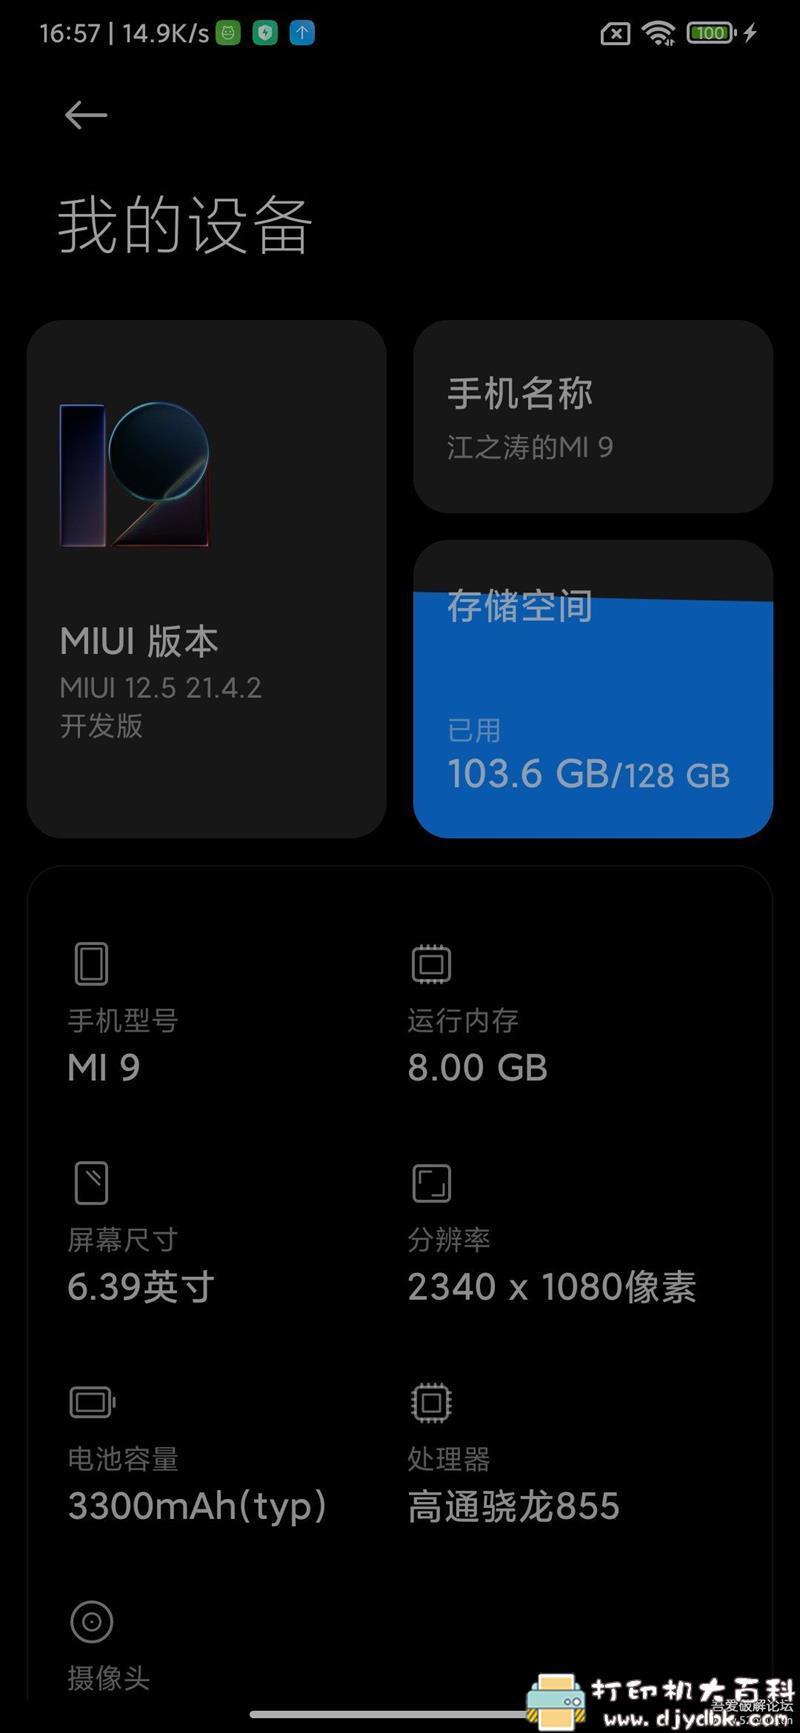 [Android]小米9和k40的 MIUI12.5 卡刷完整包 无需内测ID一样偷渡升级官方12.5图片 No.1